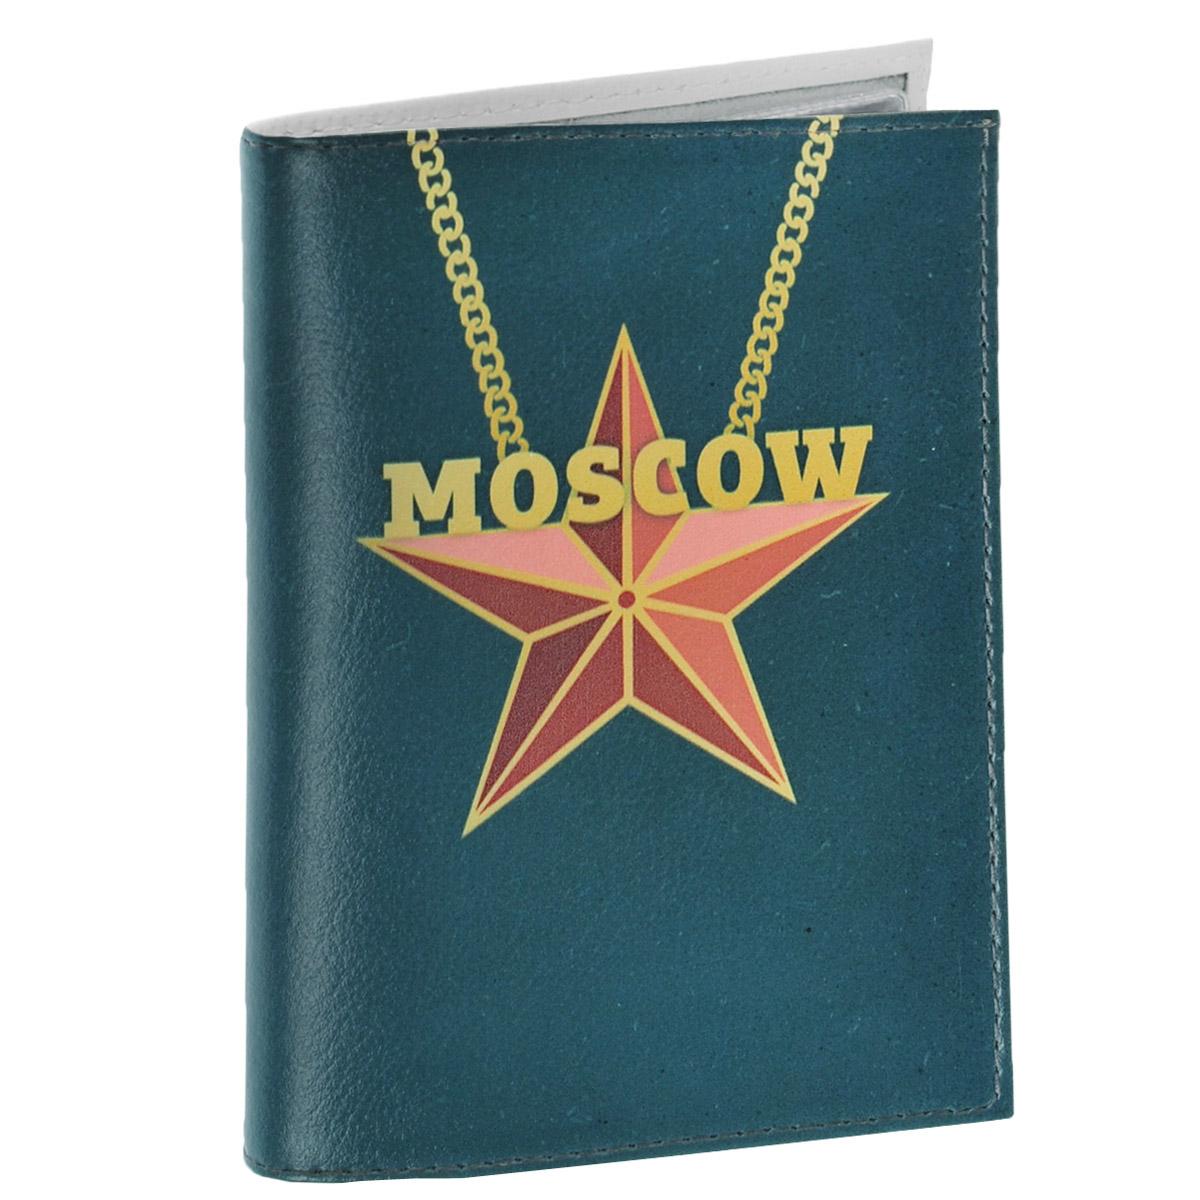 Обложка для автодокументов Moscow Star. AUTO276891Обложка для автодокументов Mitya Veselkov Moscow Star изготовлена из натуральной кожи белого цвета и оформлена изображением красной пятиконечной звезды, подвешенной на цепочку, и надписью Moscow. На внутреннем развороте имеются съемный блок из шести прозрачных файлов из мягкого пластика для водительских документов, один из которых формата А5, а также два боковых кармашка для визиток или банковских карт.Стильная обложка не только поможет сохранить внешний вид ваших документов и защитит их отгрязи и пыли, но и станет аксессуаром, который подчеркнет вашу яркую индивидуальность.